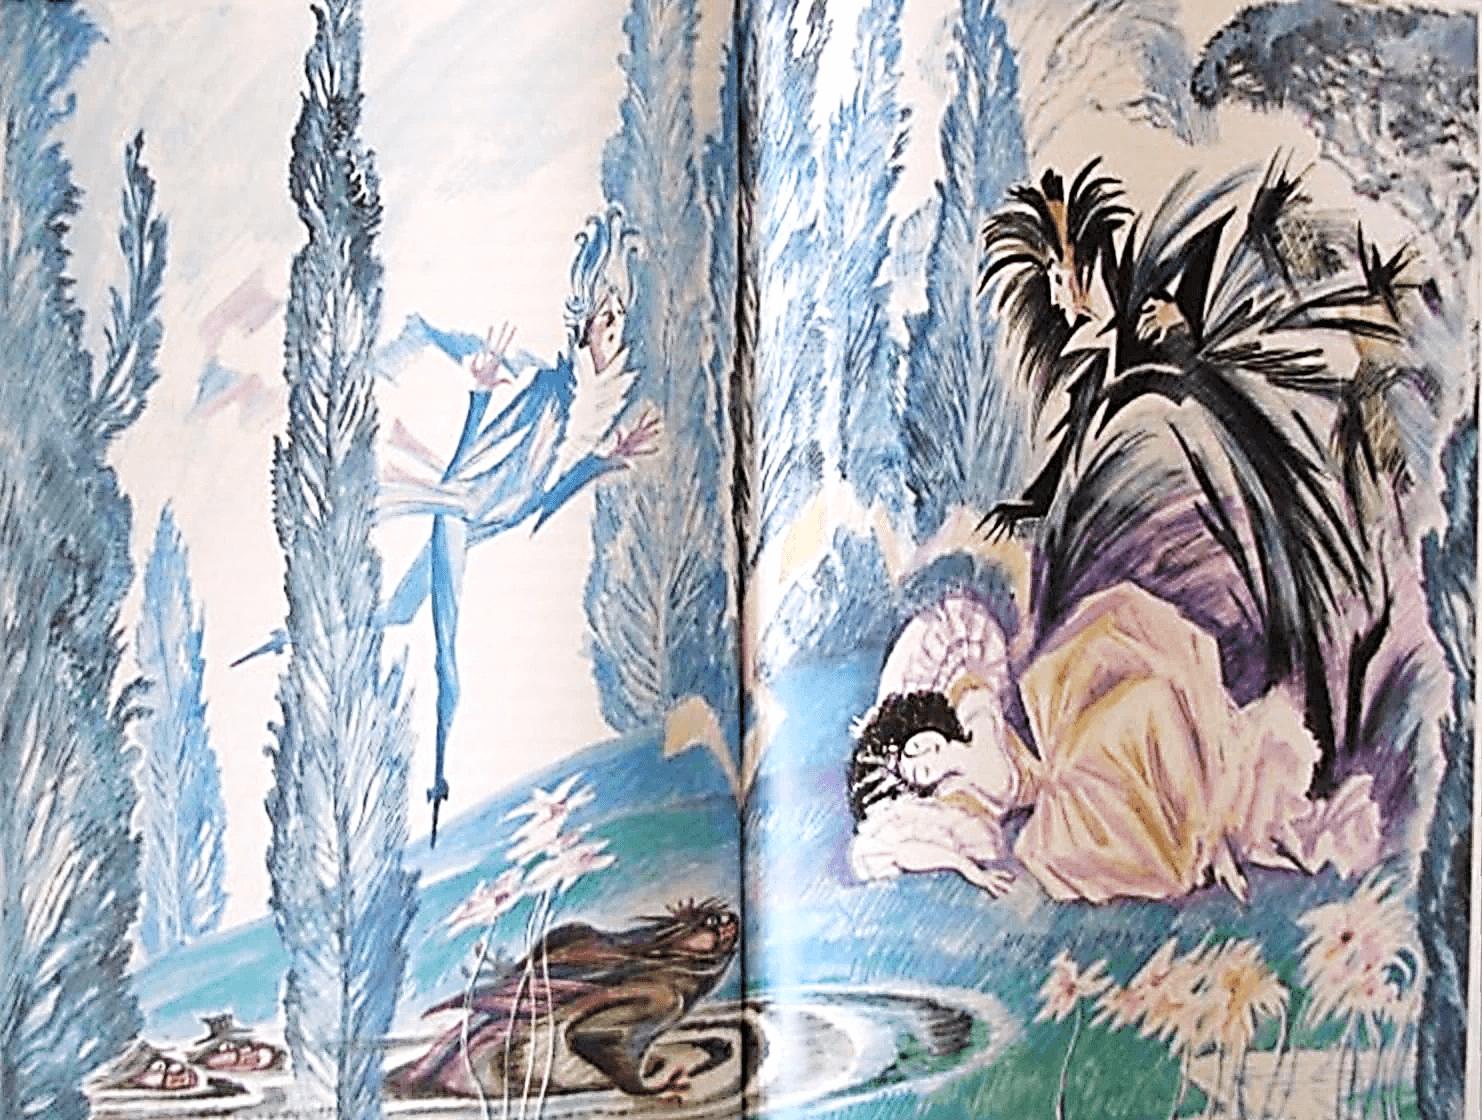 Иллюстрация Н.Г. Гольц к сказке Э.Т.А. Гофмана «Повелитель блох»